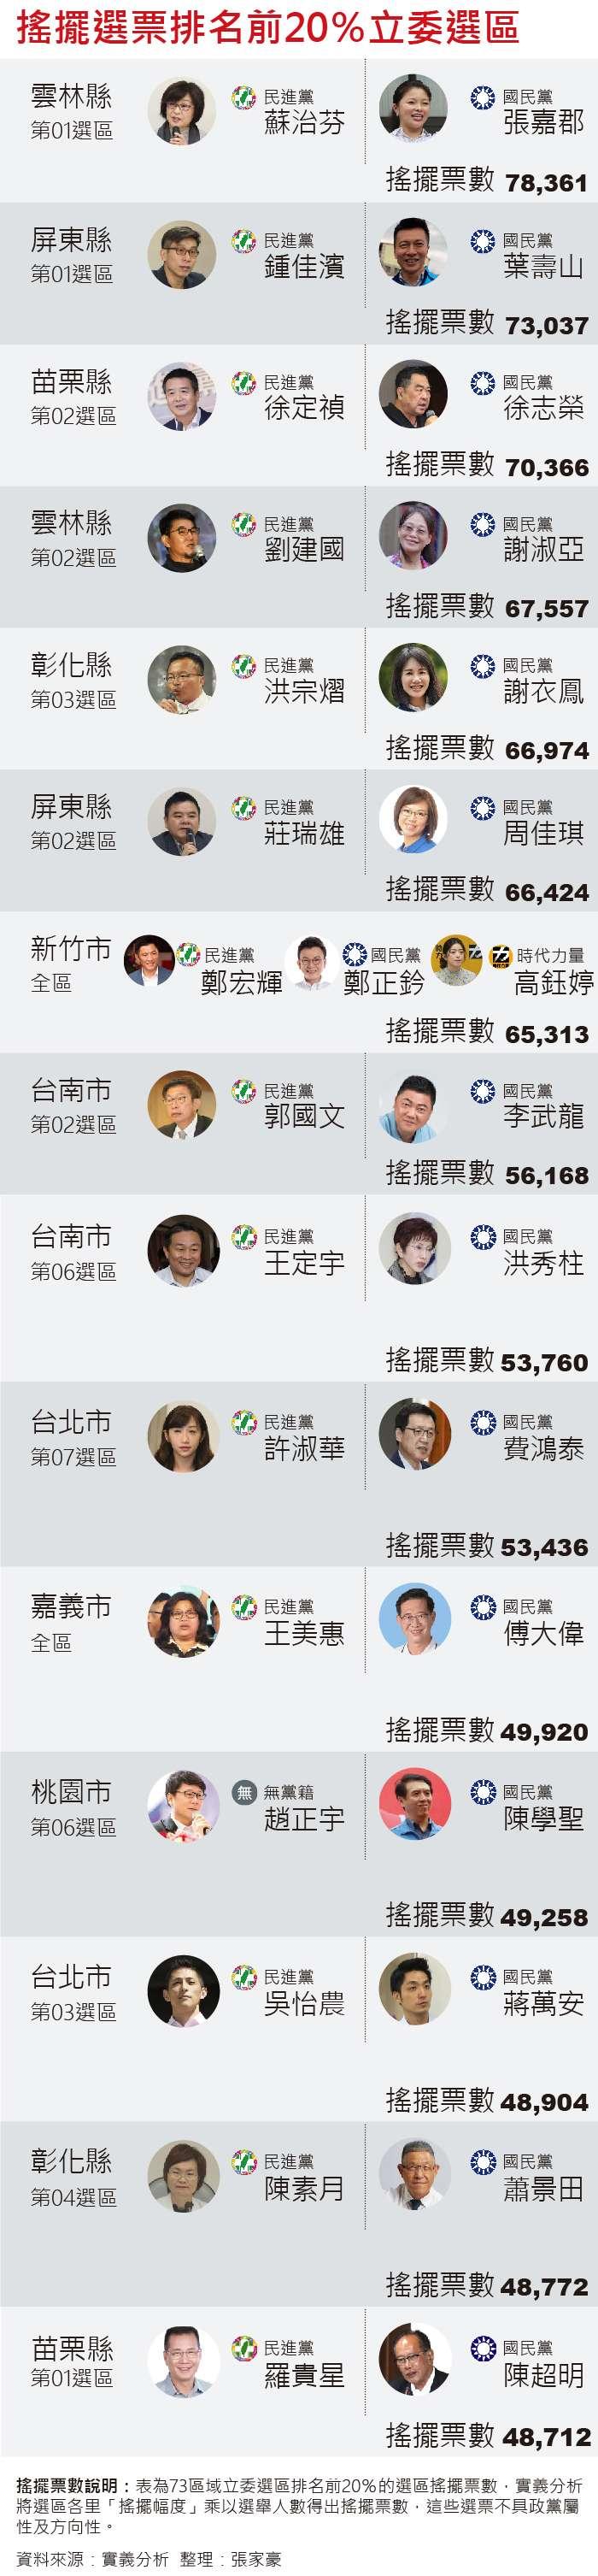 20191008-SMG0035-新新聞搖擺選民_D搖擺選票排名前20%立委選區